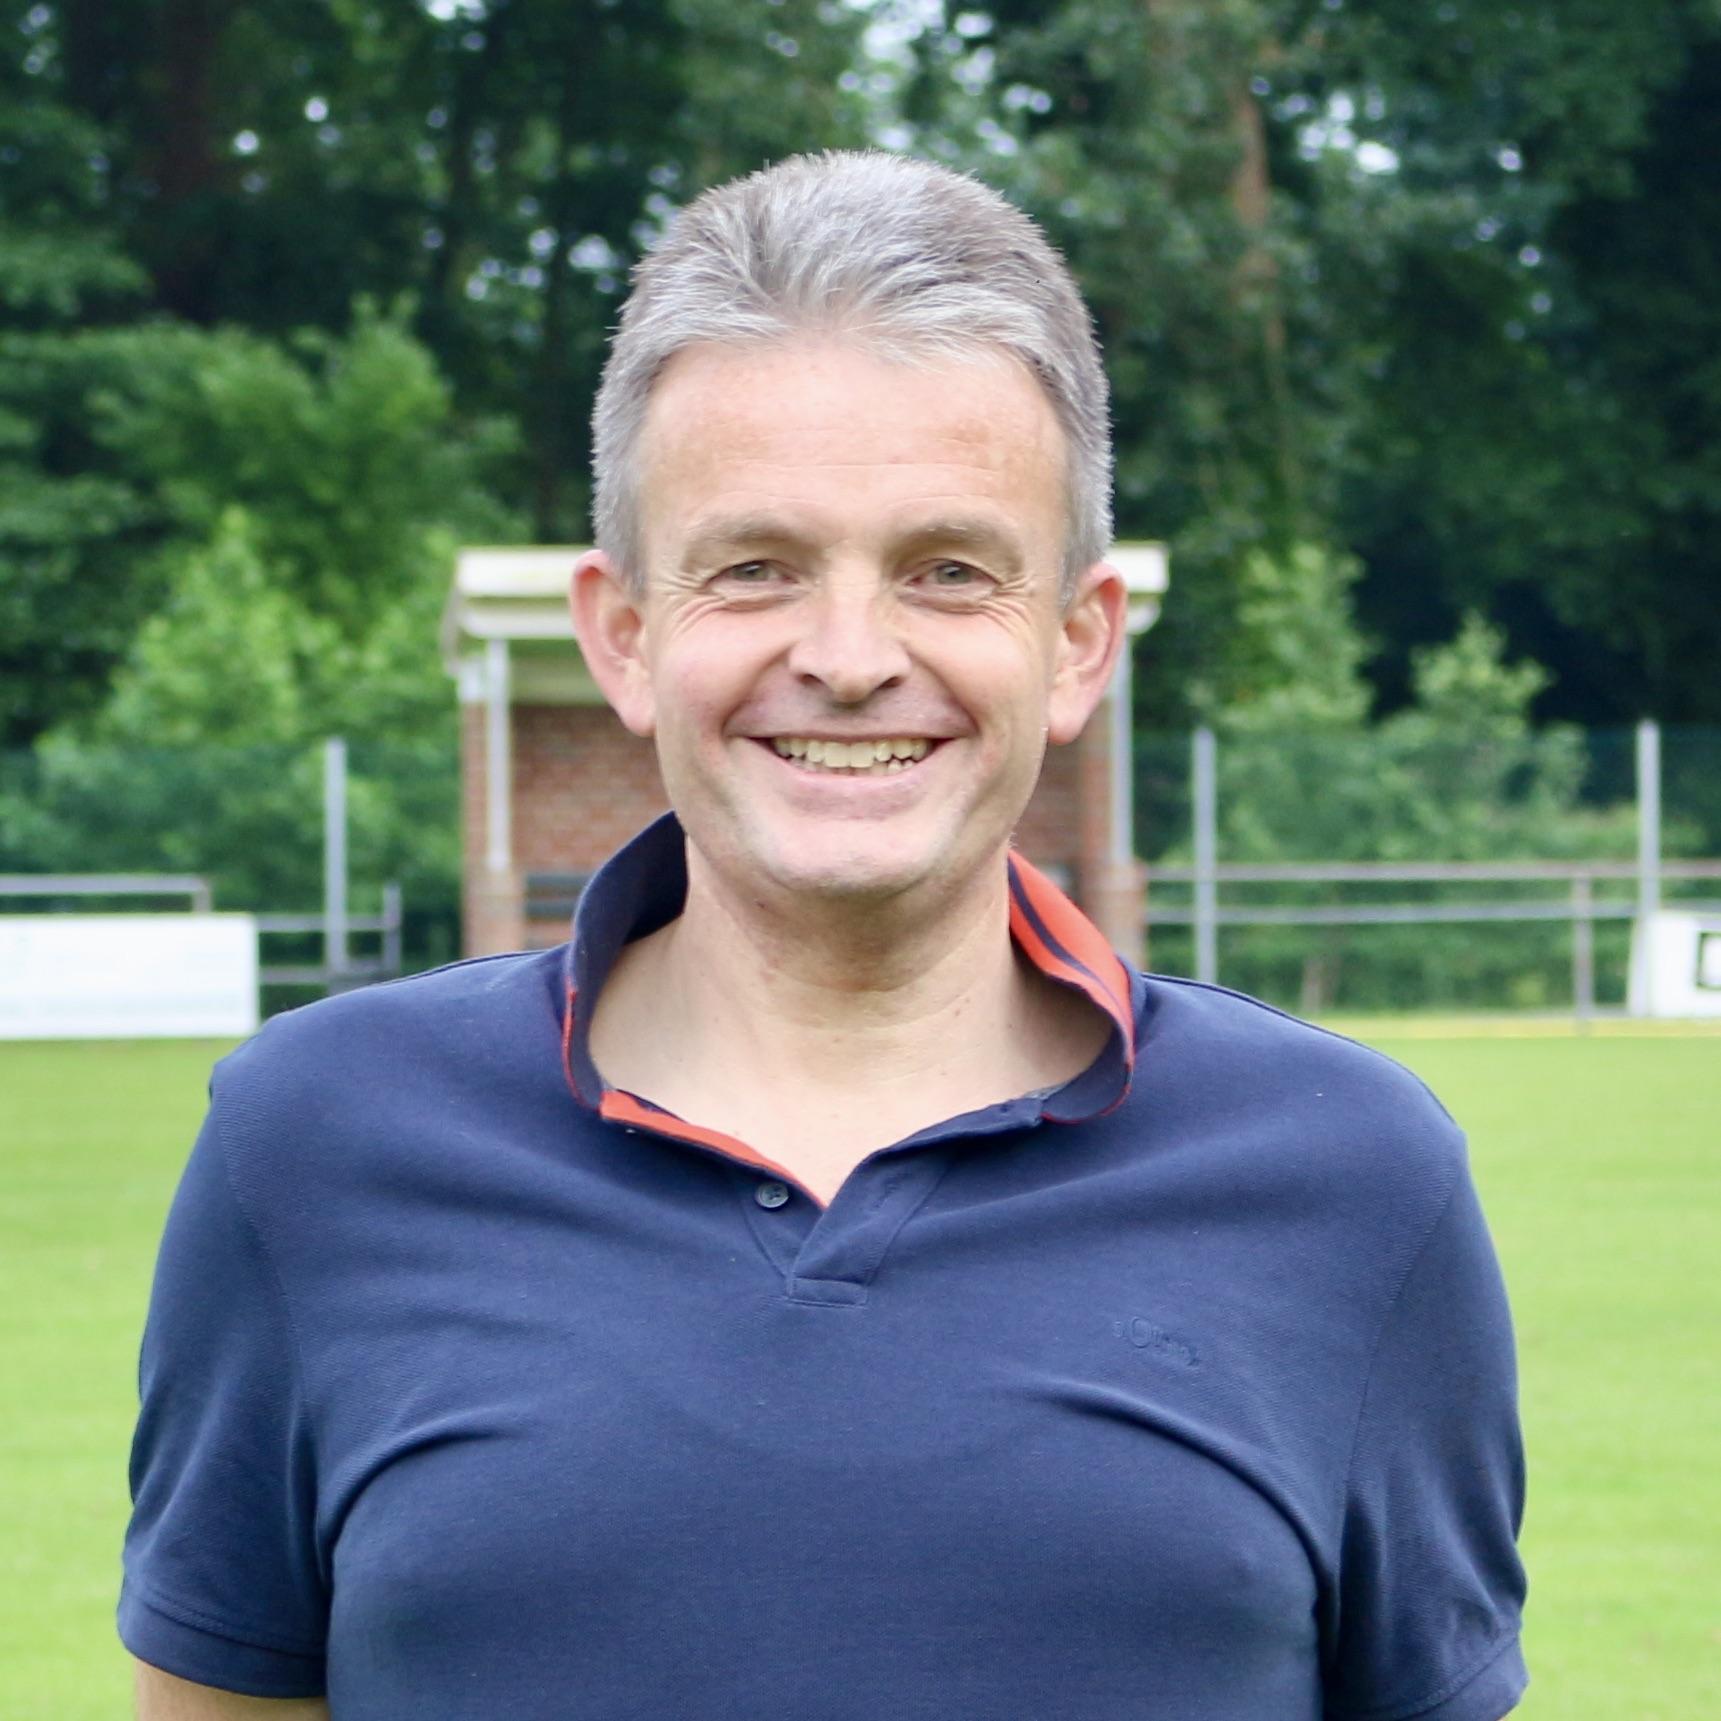 Helmut Bartels